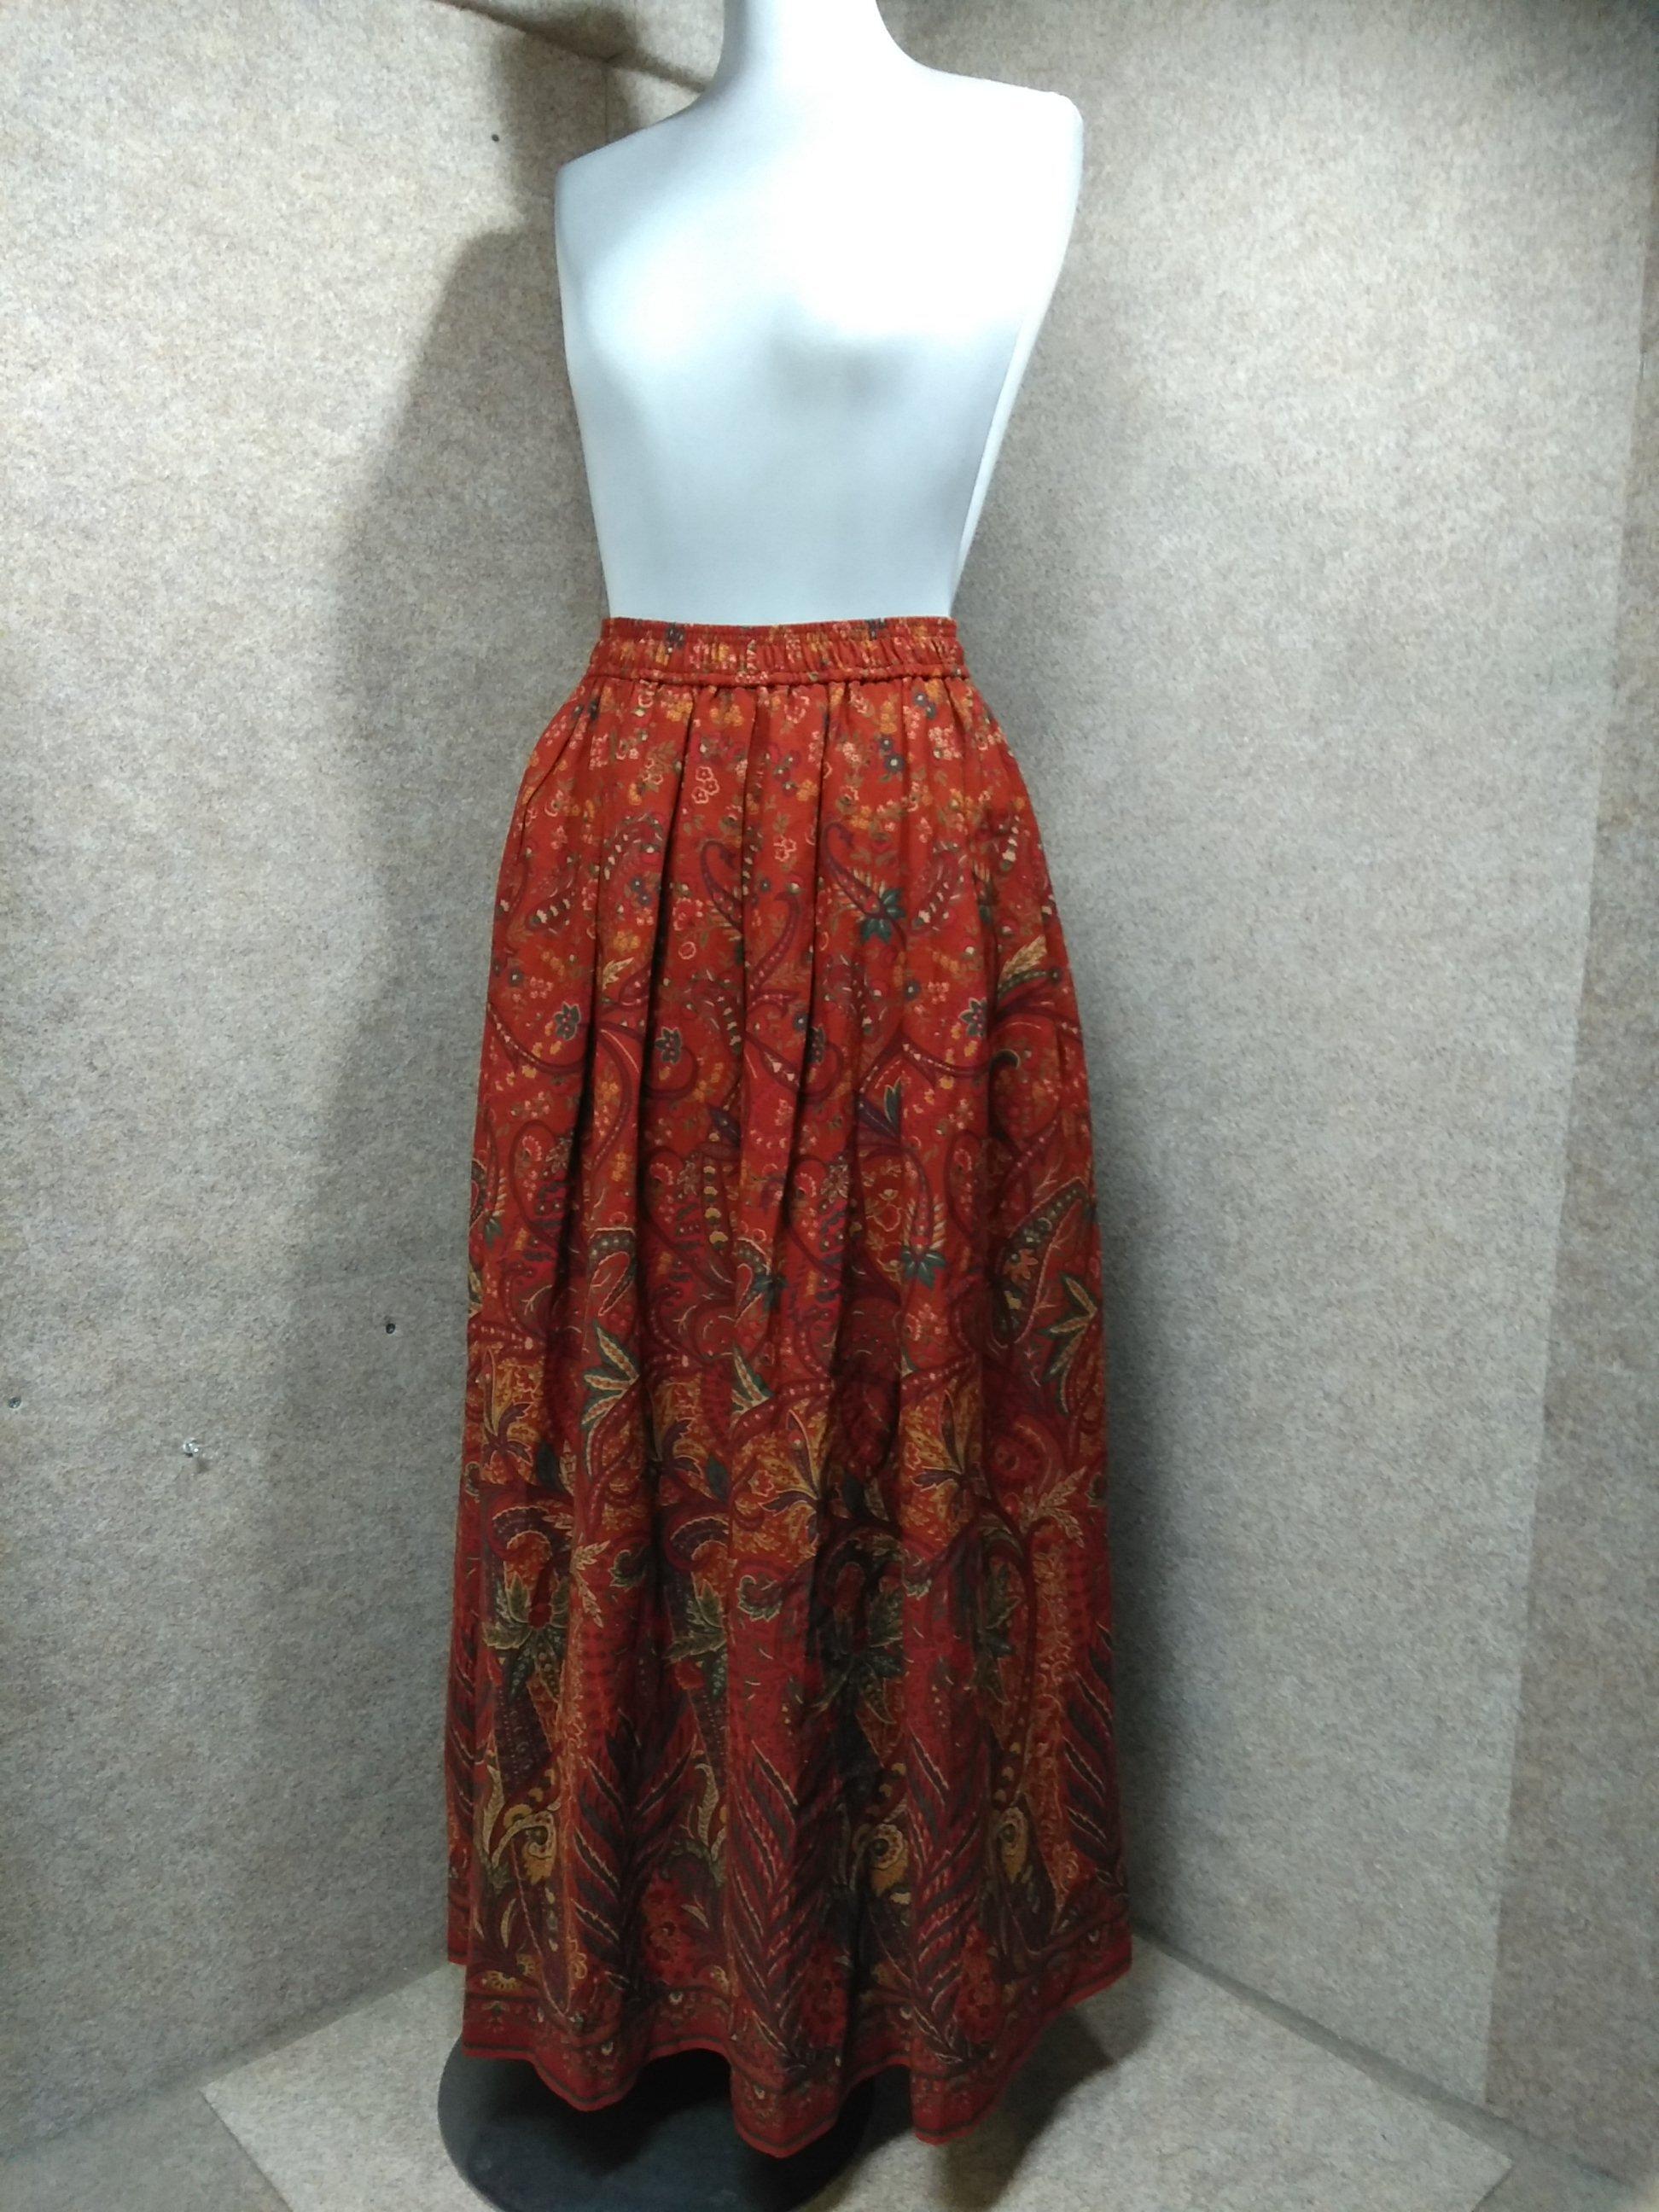 スキャパ SCAPA エスニック柄 ロングスカート 赤茶系 mu923e